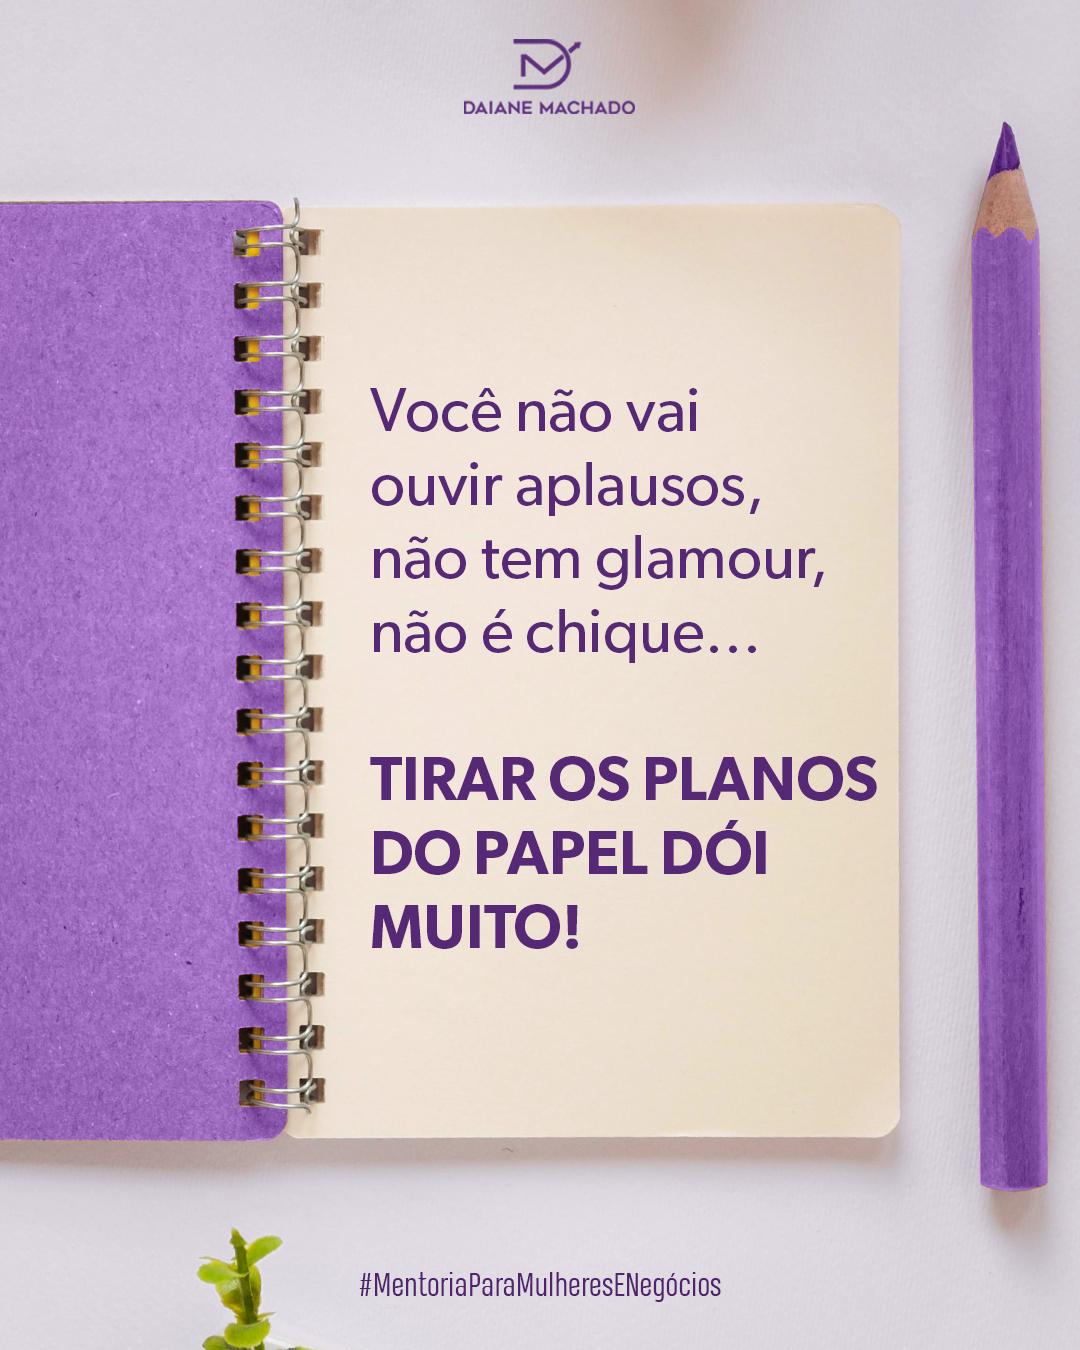 DAIANE MACHADO - Você não vai ouvir aplausos, não tem glamour, não é chique… Tirar os planos do papel dói muito